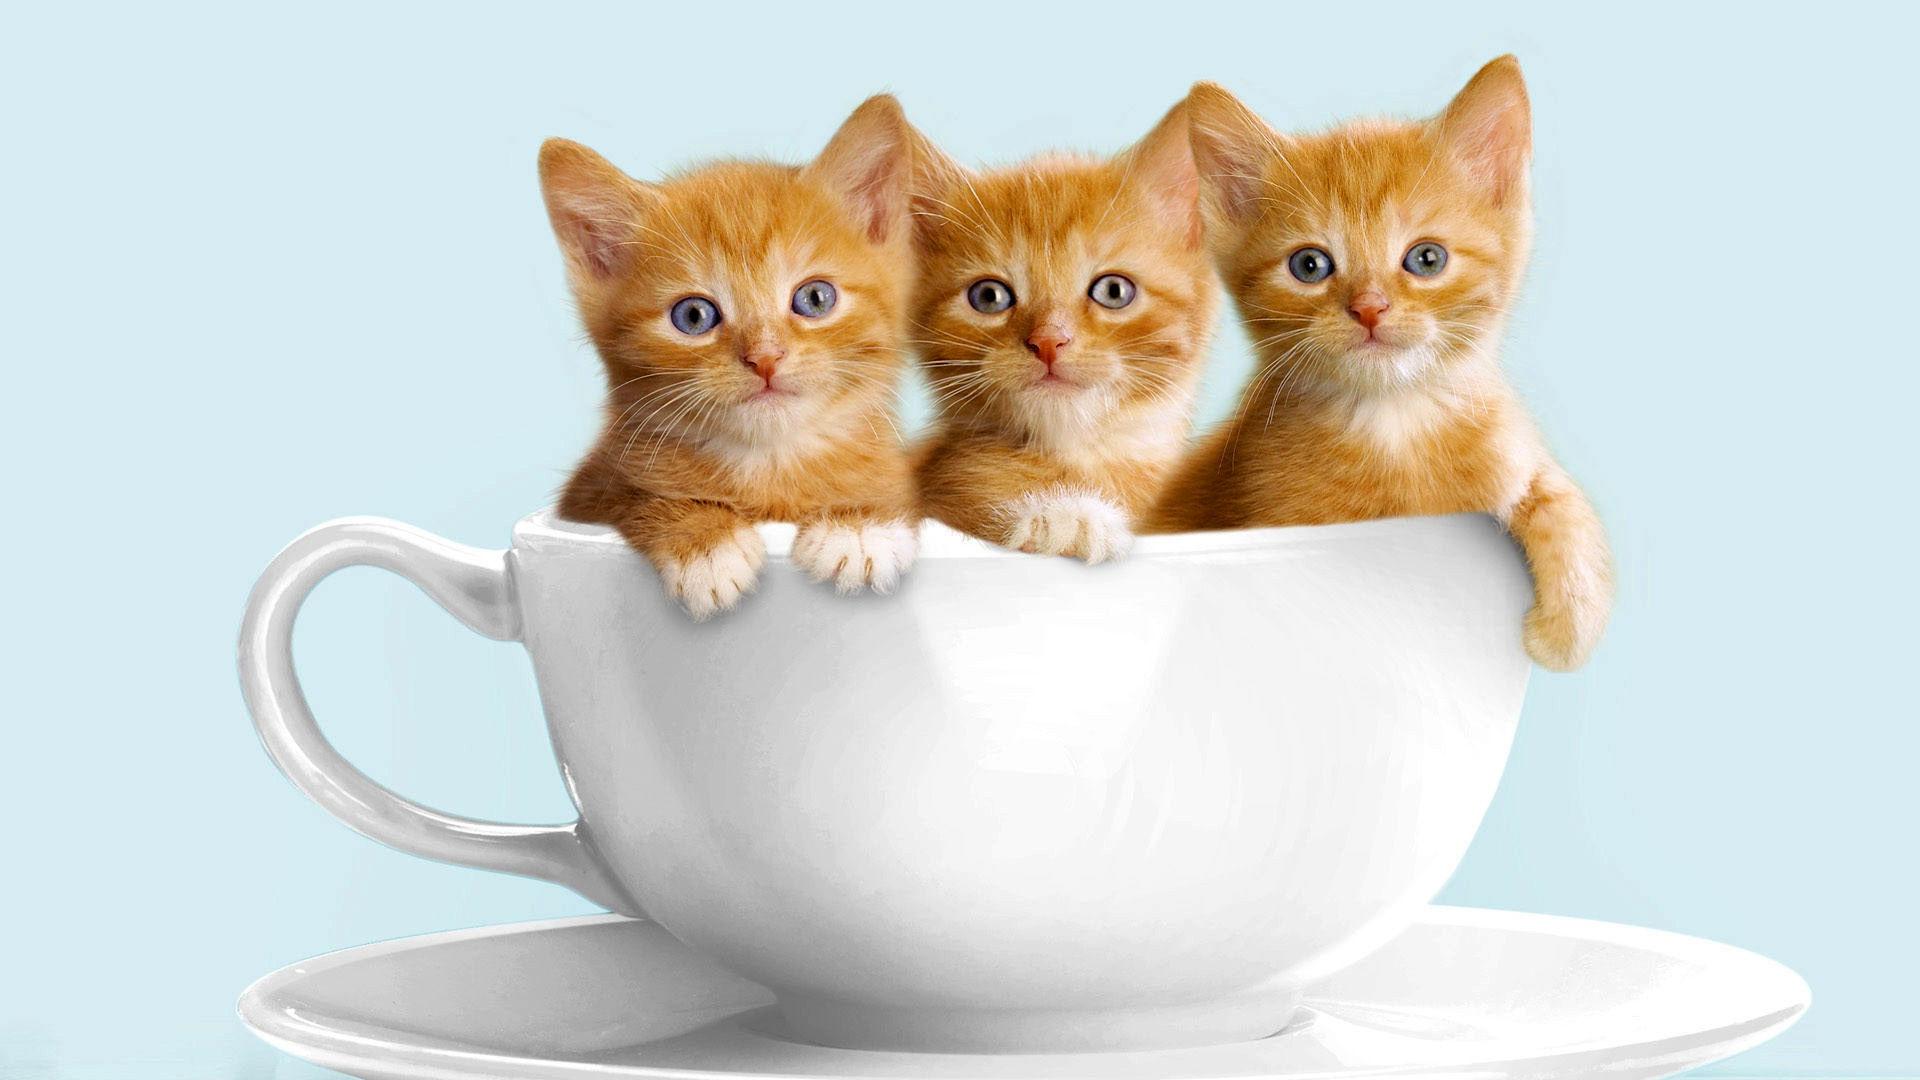 Кот в миске  № 2002135 без смс